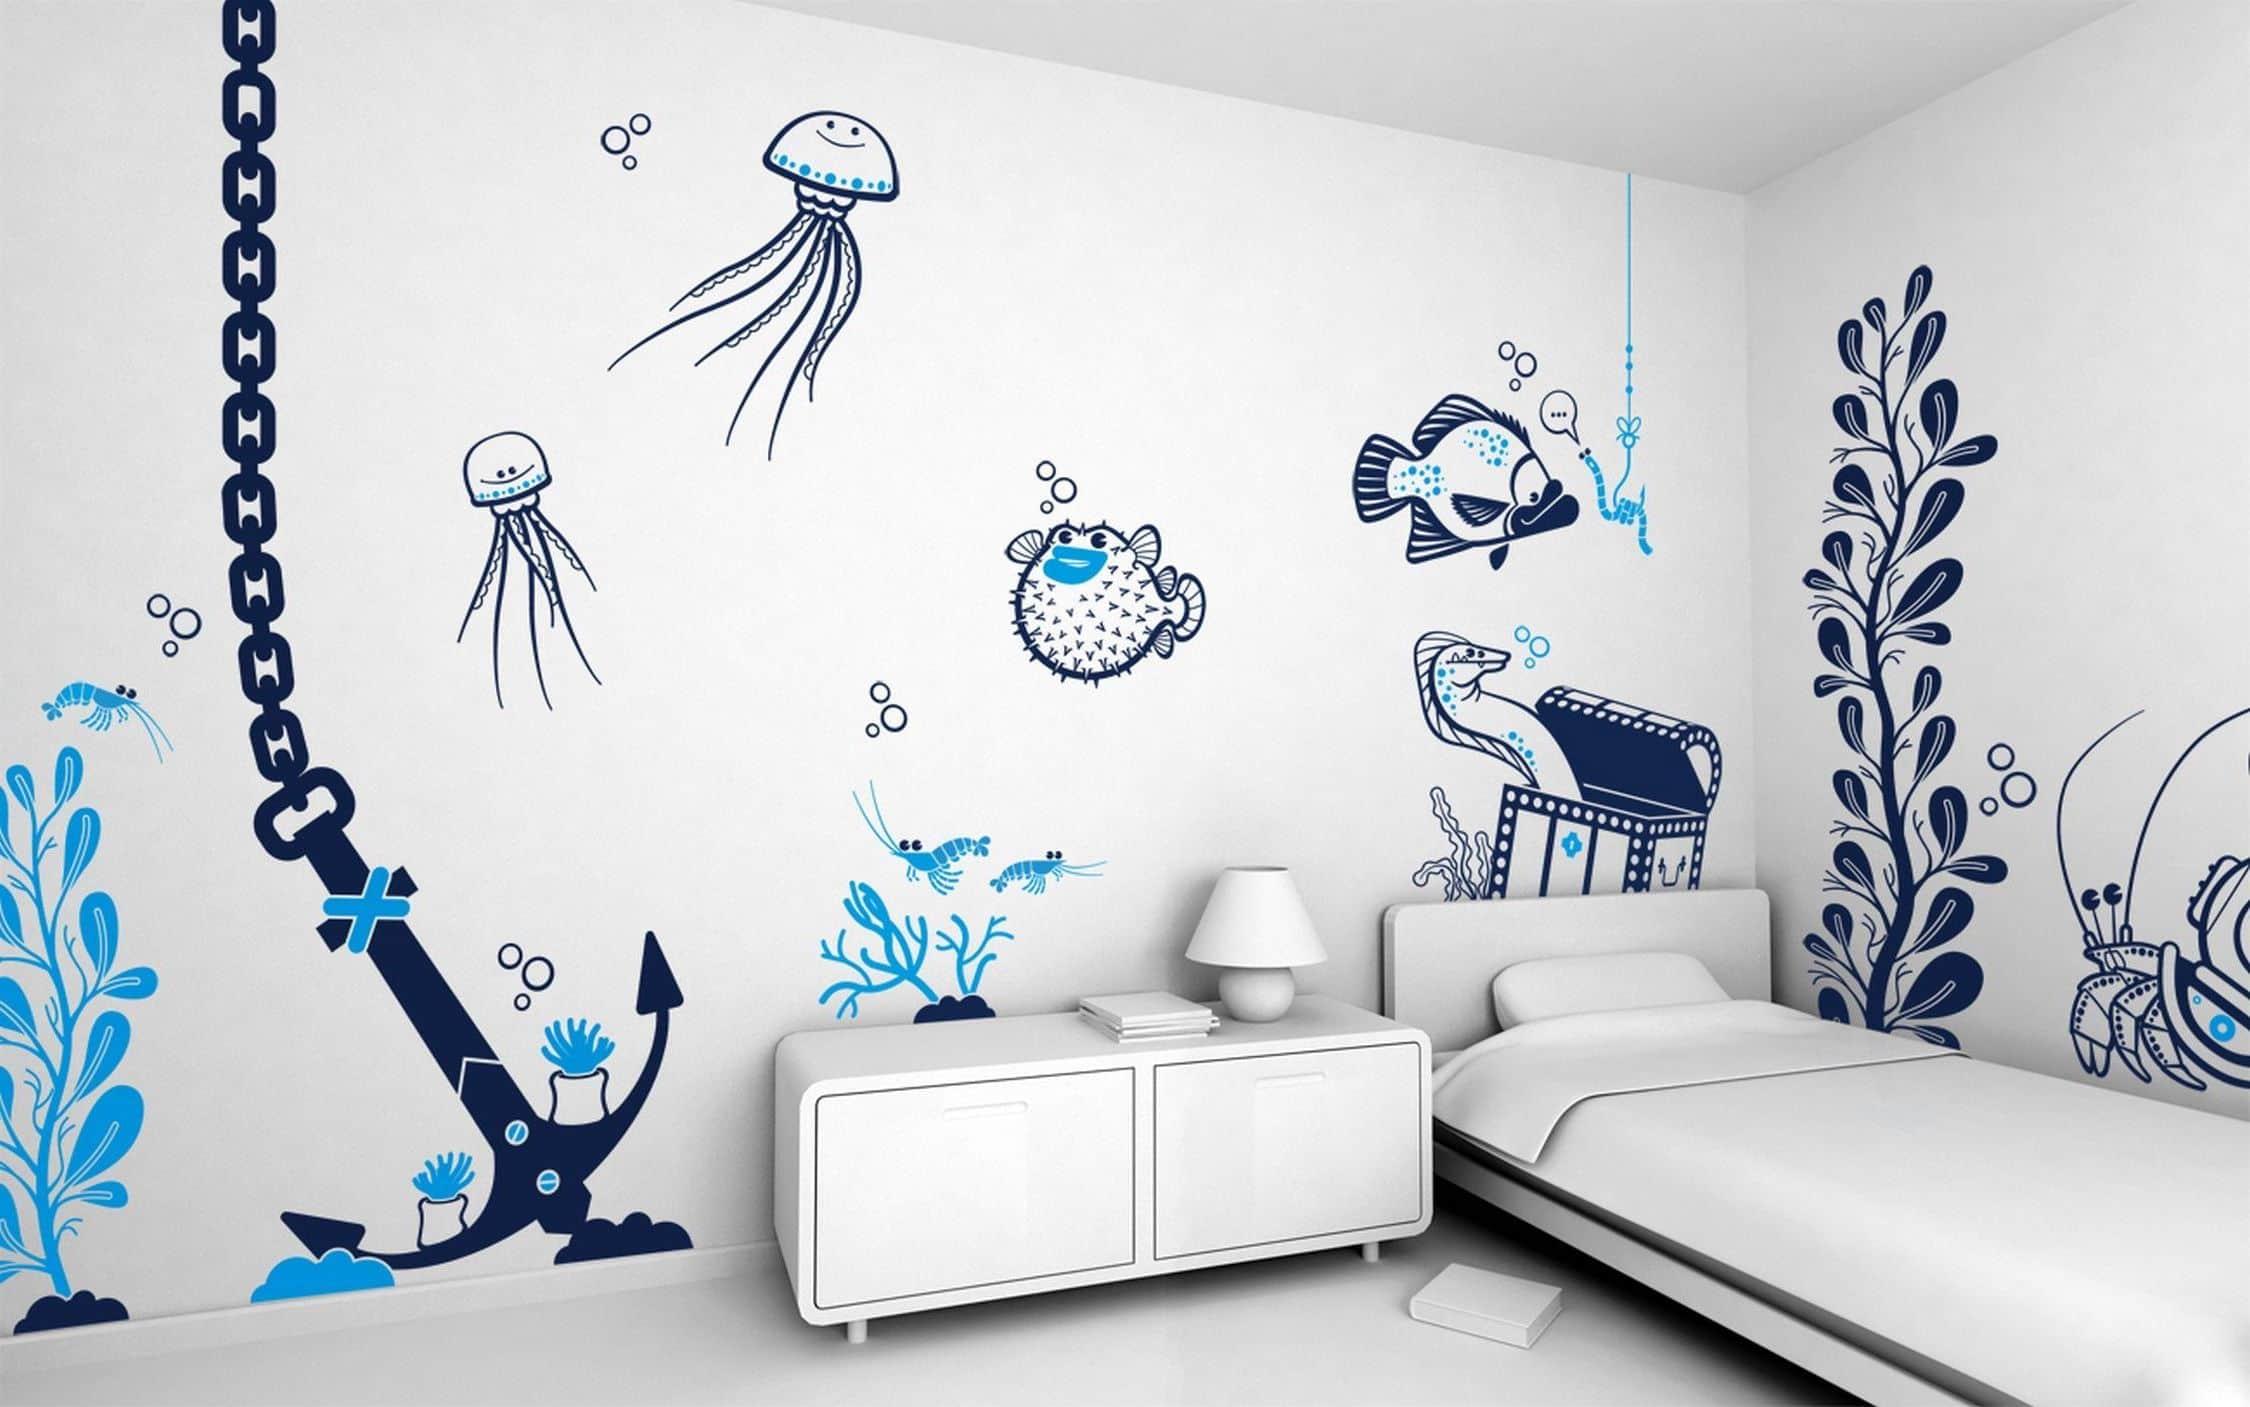 Целый подводный мир в одной детской комнате при помощи трафаретов